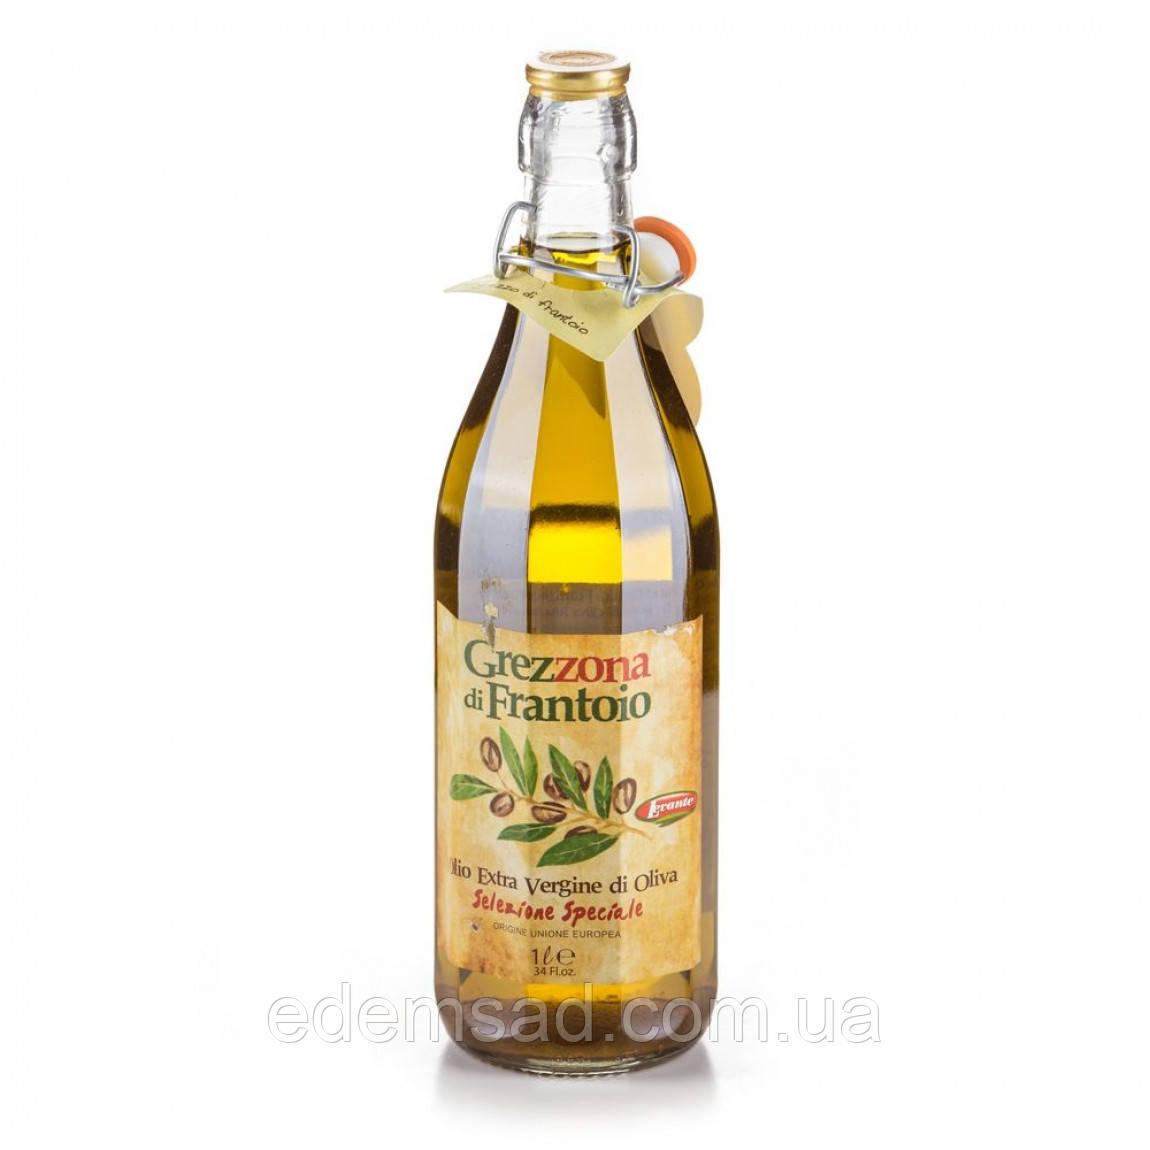 Масло оливковое Grezzona di frantoio Extra Vergine, 1л